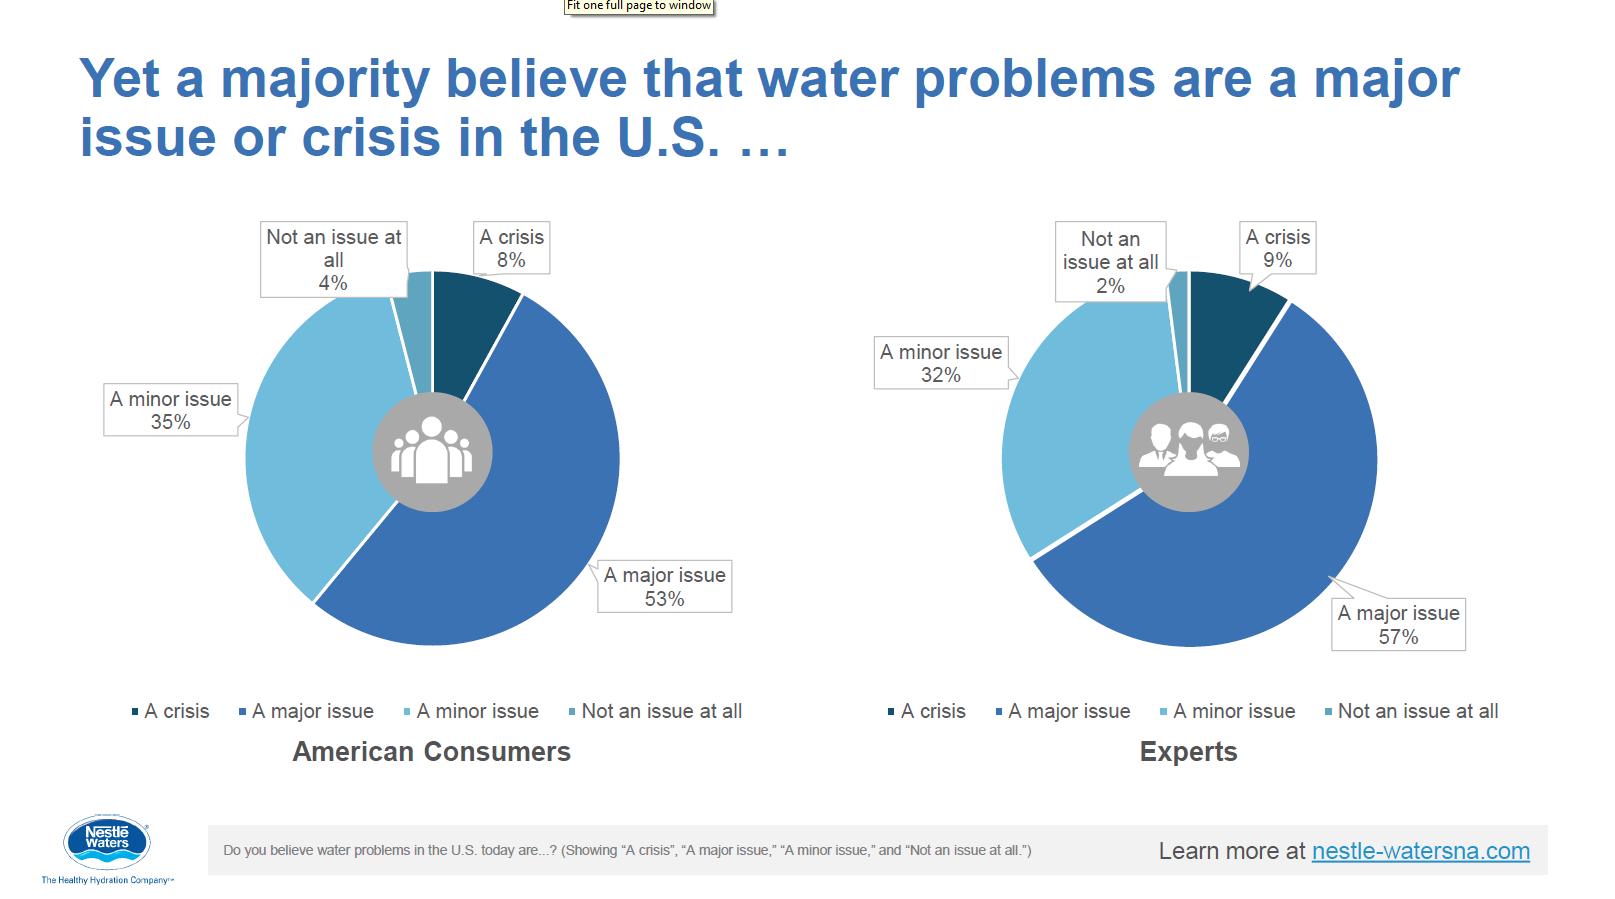 Nestlé water poll 2